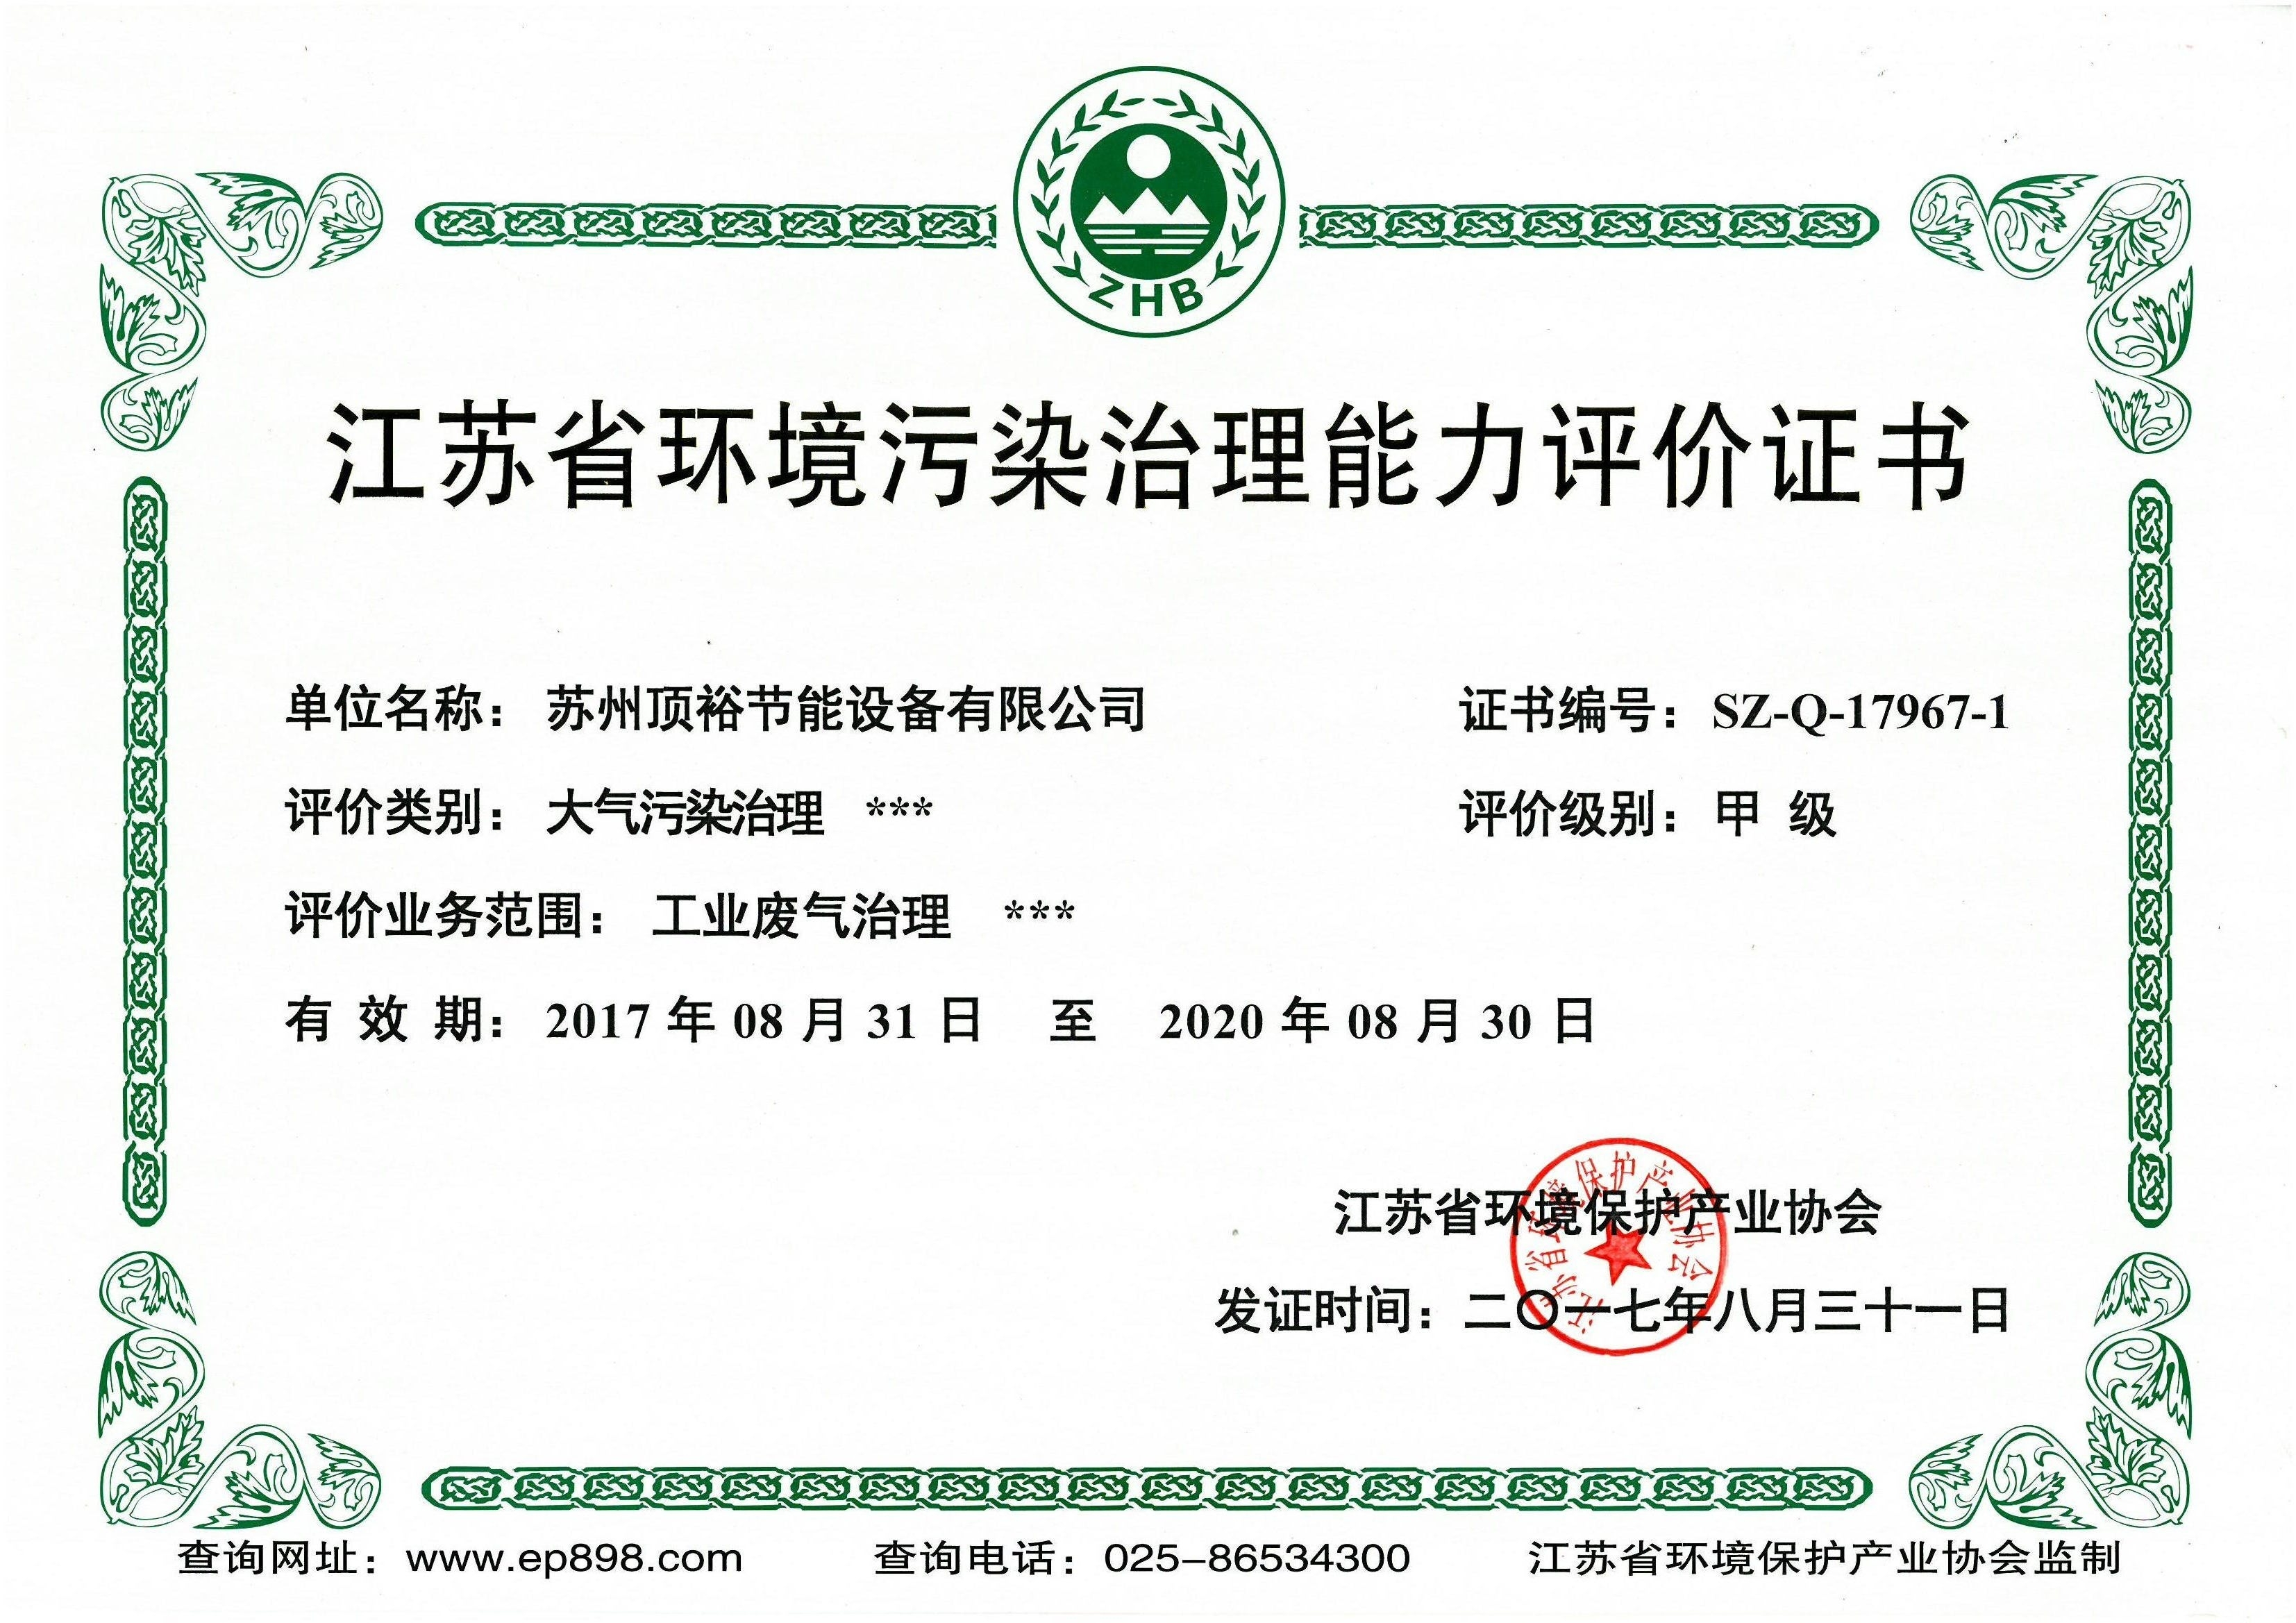 苏州顶裕:江苏省环境污染治理能力评价-大气污染治理甲级证书